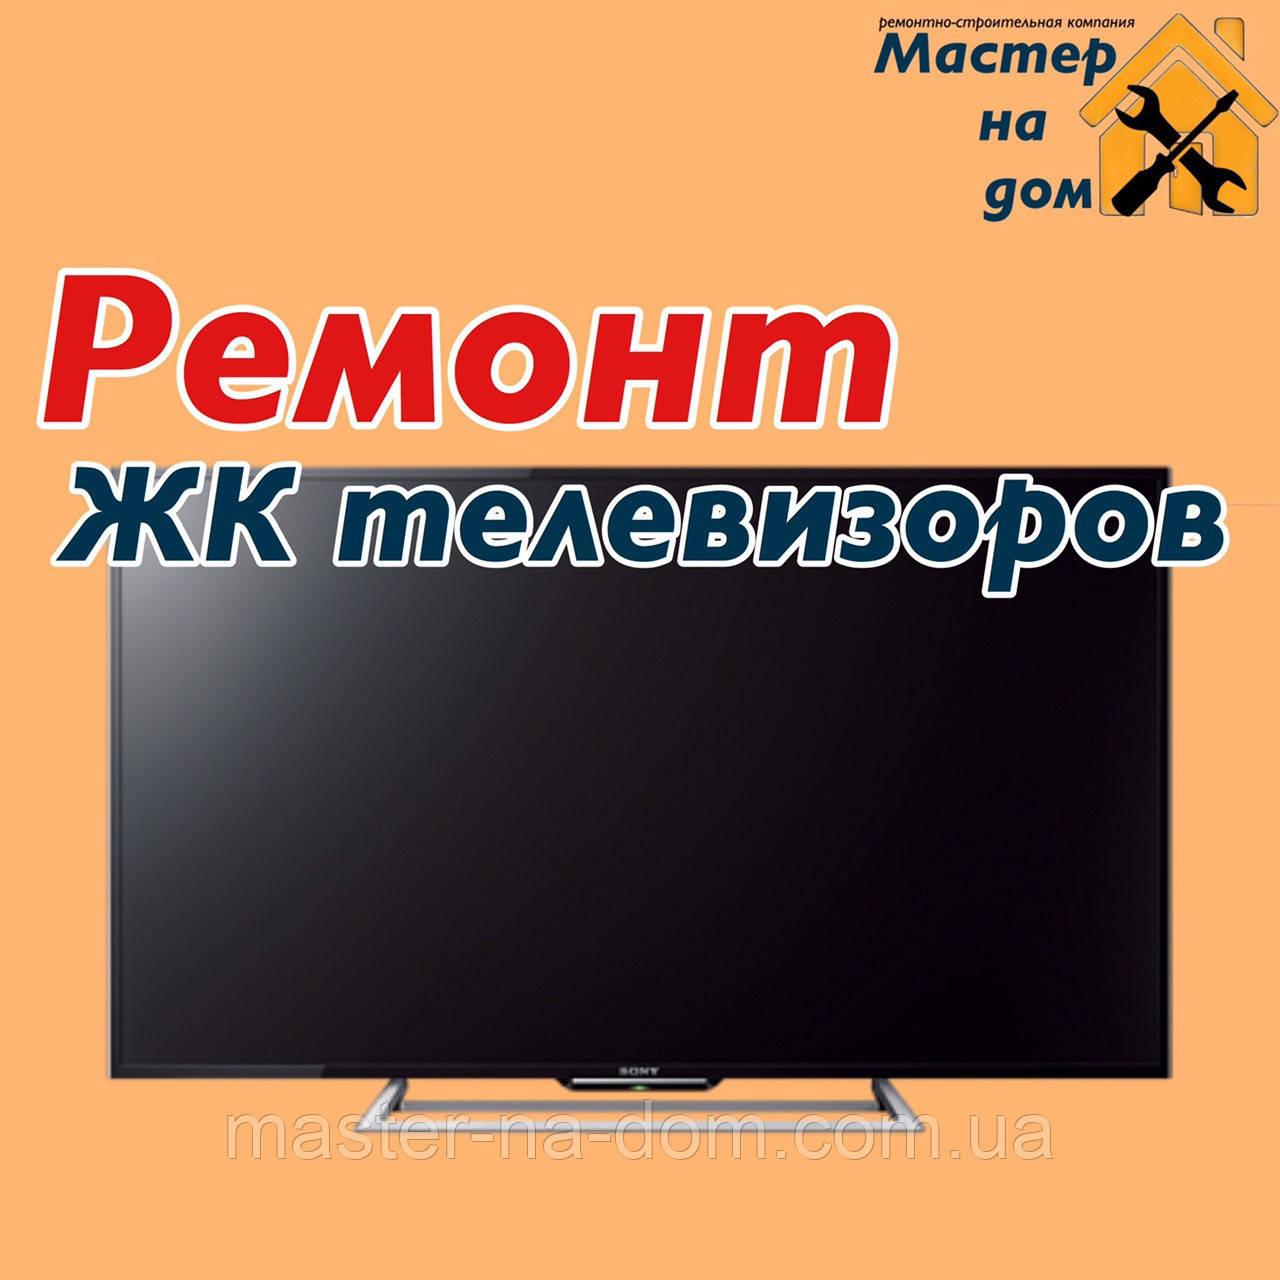 Ремонт ЖК телевізорів на дому у Тернополі